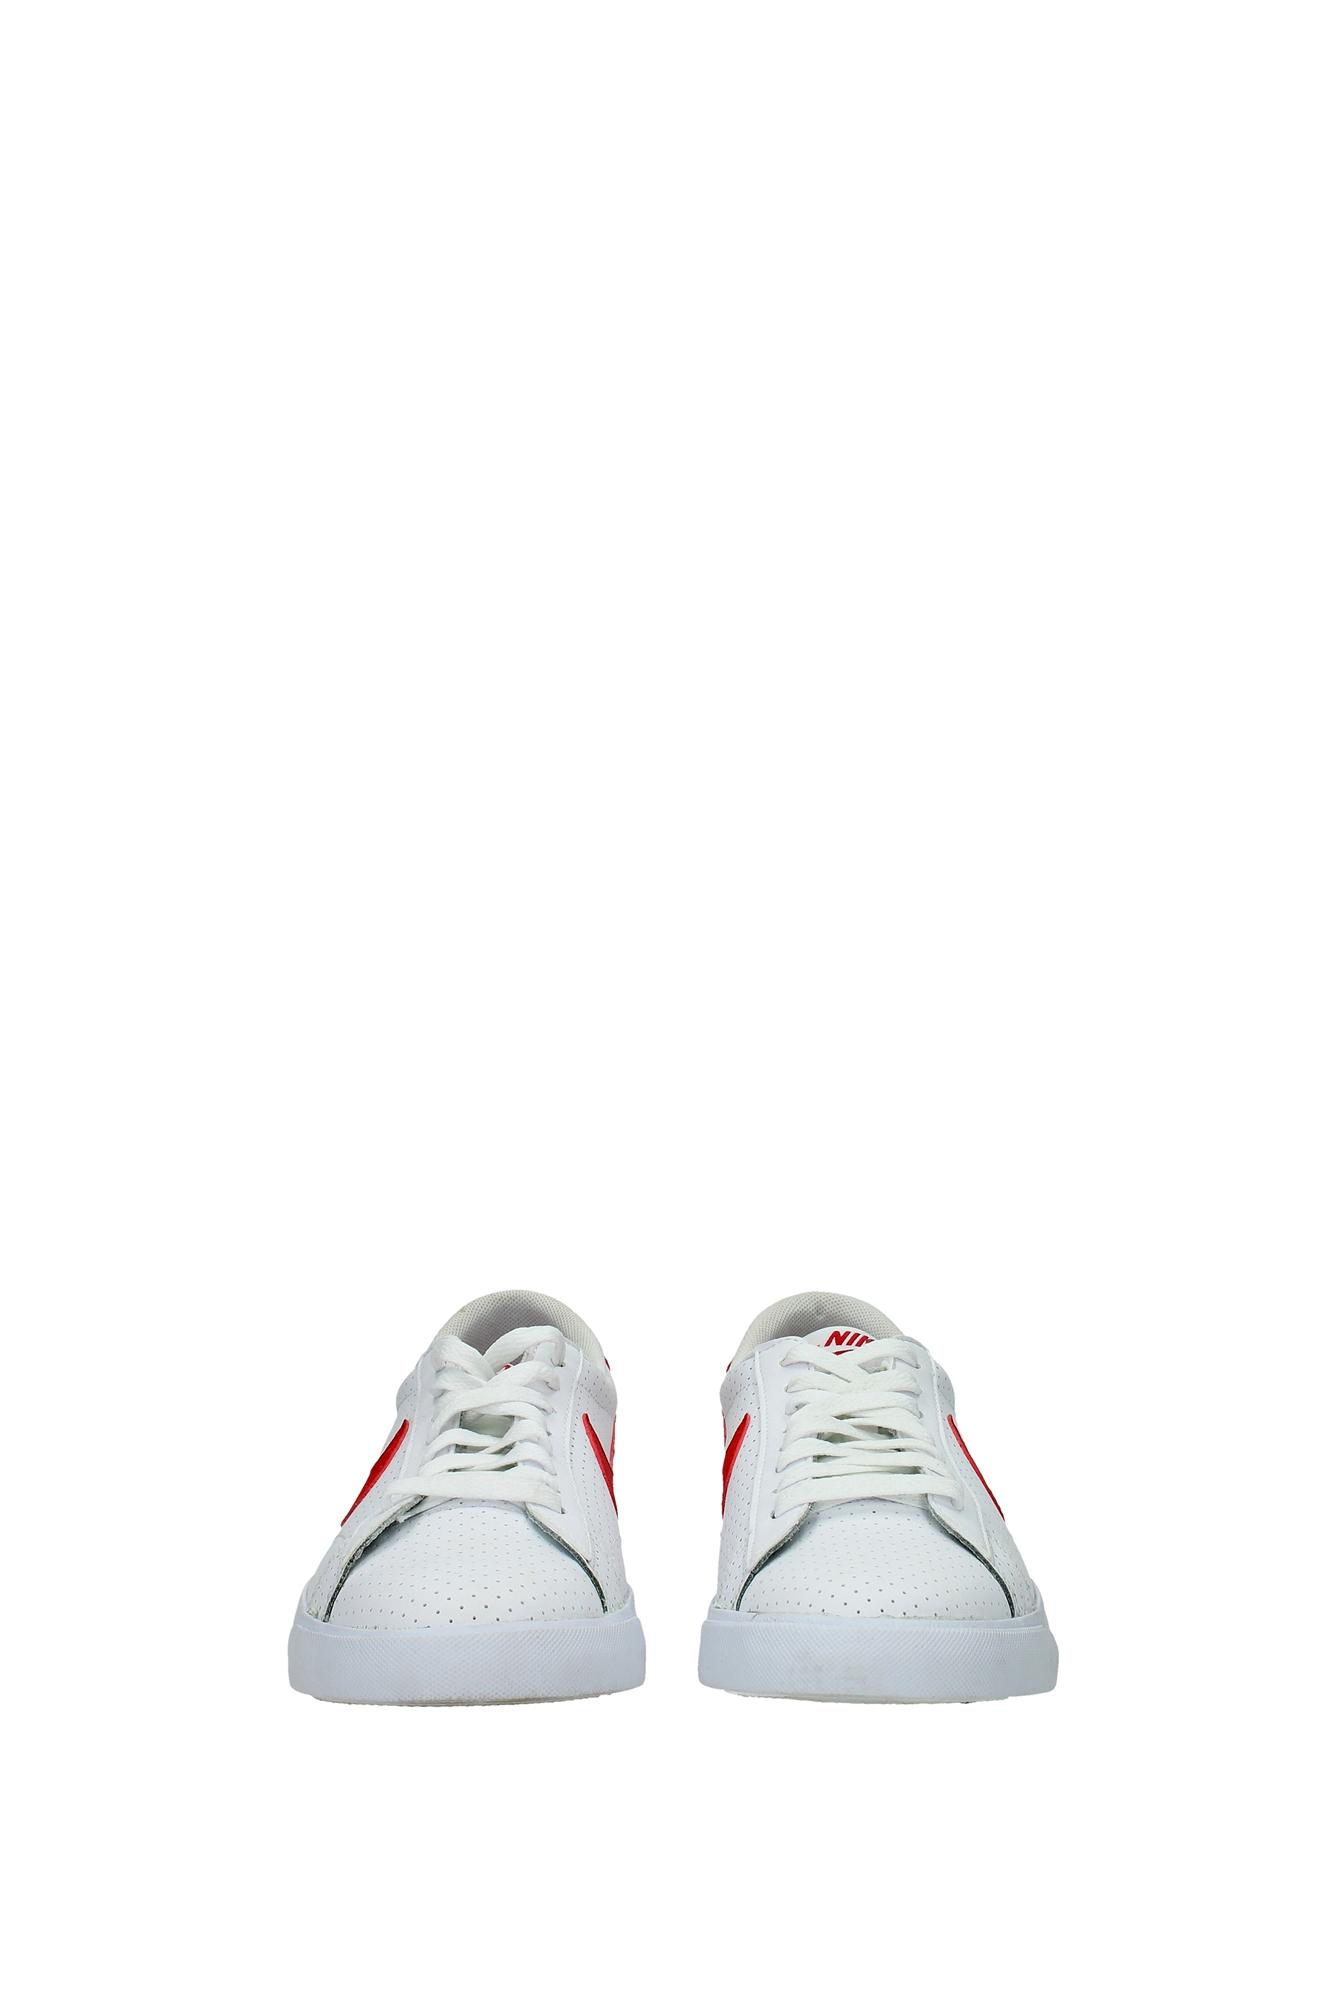 nouvelle nike shox pour les hommes - Nike 377812120   Sneakers   Men Shoes   B-EXIT   Scarpe, Borse ...